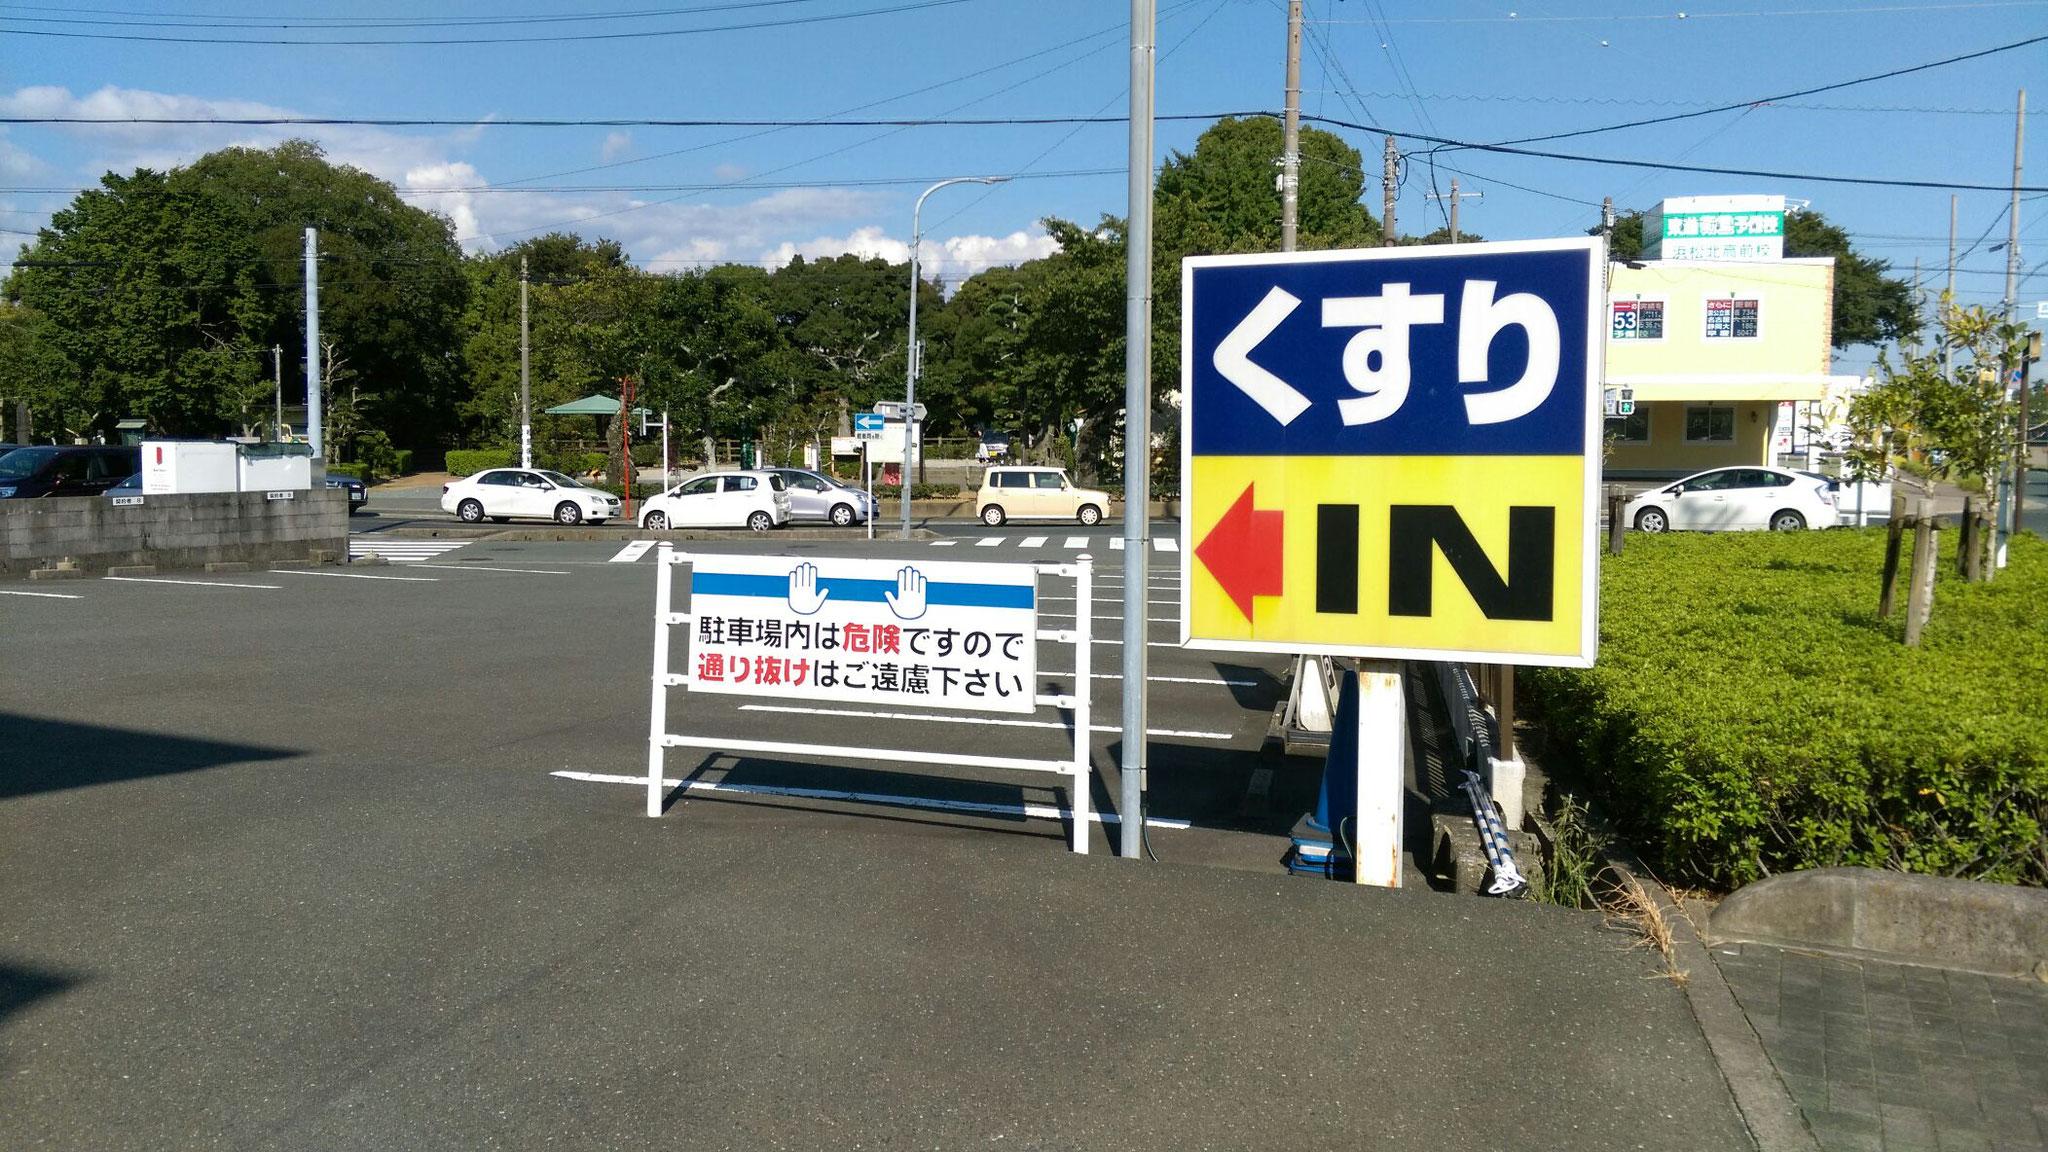 かどや薬局さんの駐車場入って、薬局のすぐ入り口側の駐車場